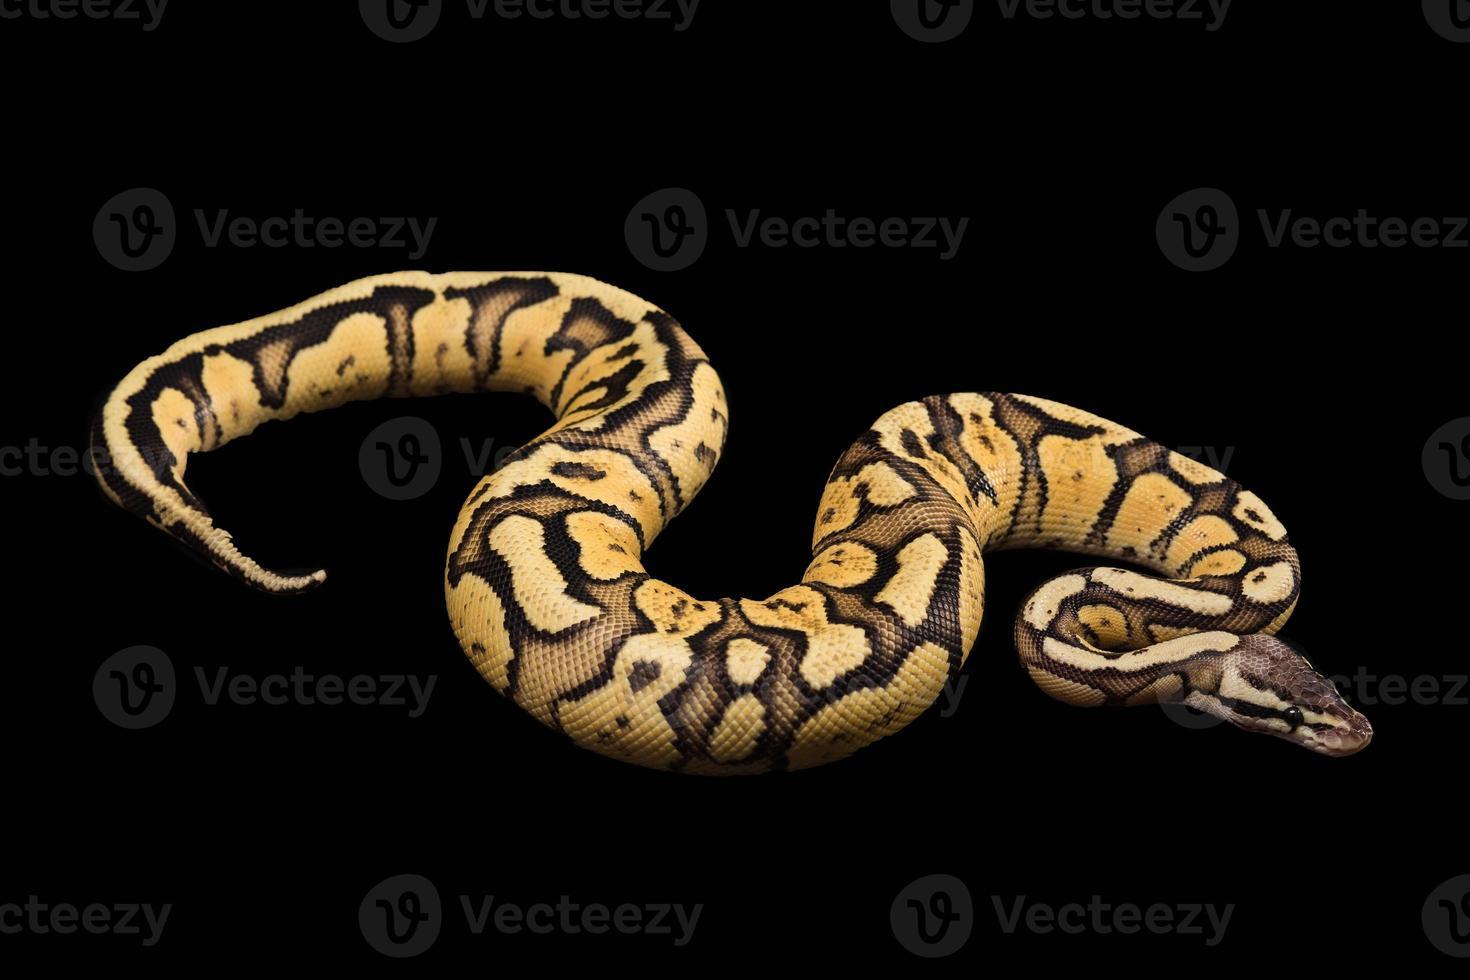 kvinnlig bollpython. firefly morph eller mutation foto